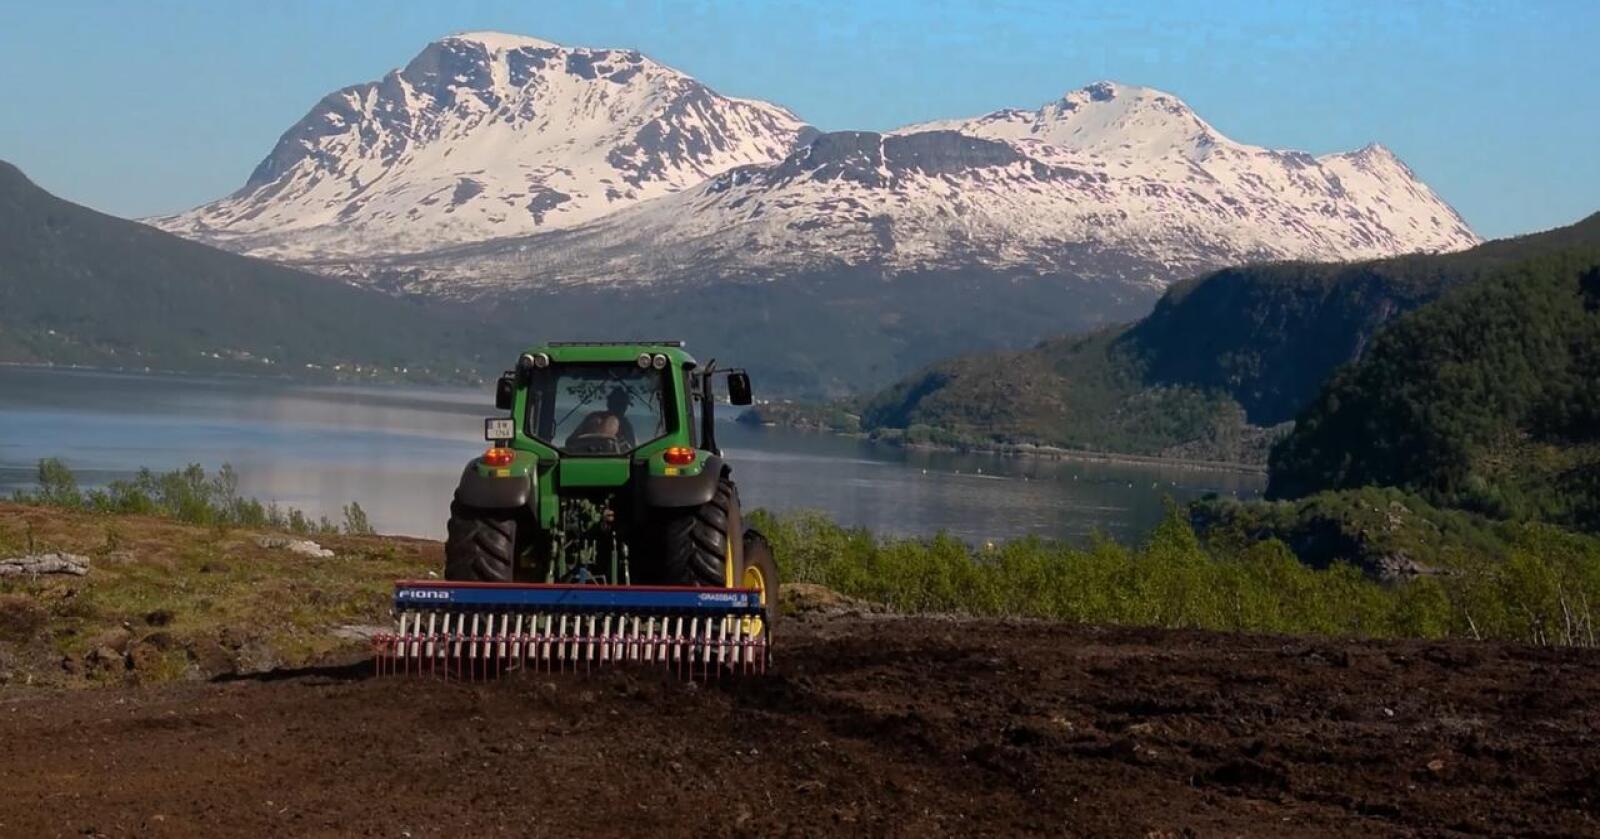 Etterlyser støtte: Troms Bondelag etterlyser finansieringsstøtte til Arktisk landbruk. Bildet er fra Gratangen i Troms. (Foto: Isak S. Sandberg/Daniel B. Johnsen)